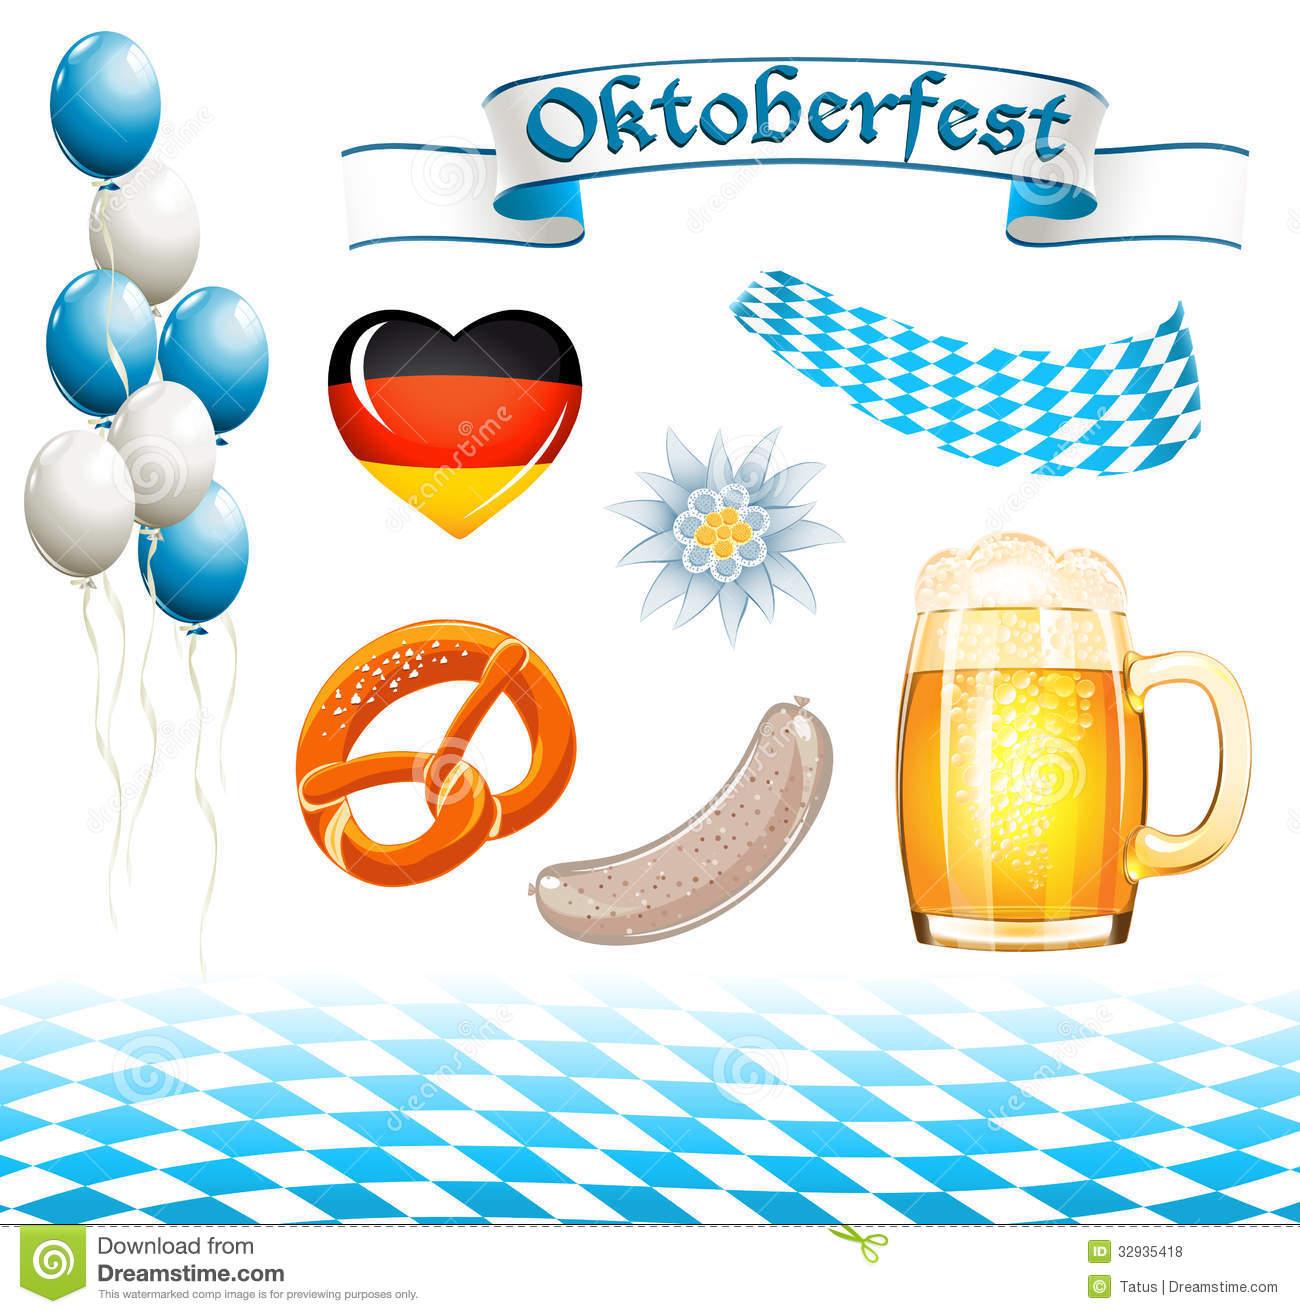 Clipart oktoberfest kostenlos graphic free Edelweiss Stock Illustrations – 160 Edelweiss Stock Illustrations ... graphic free